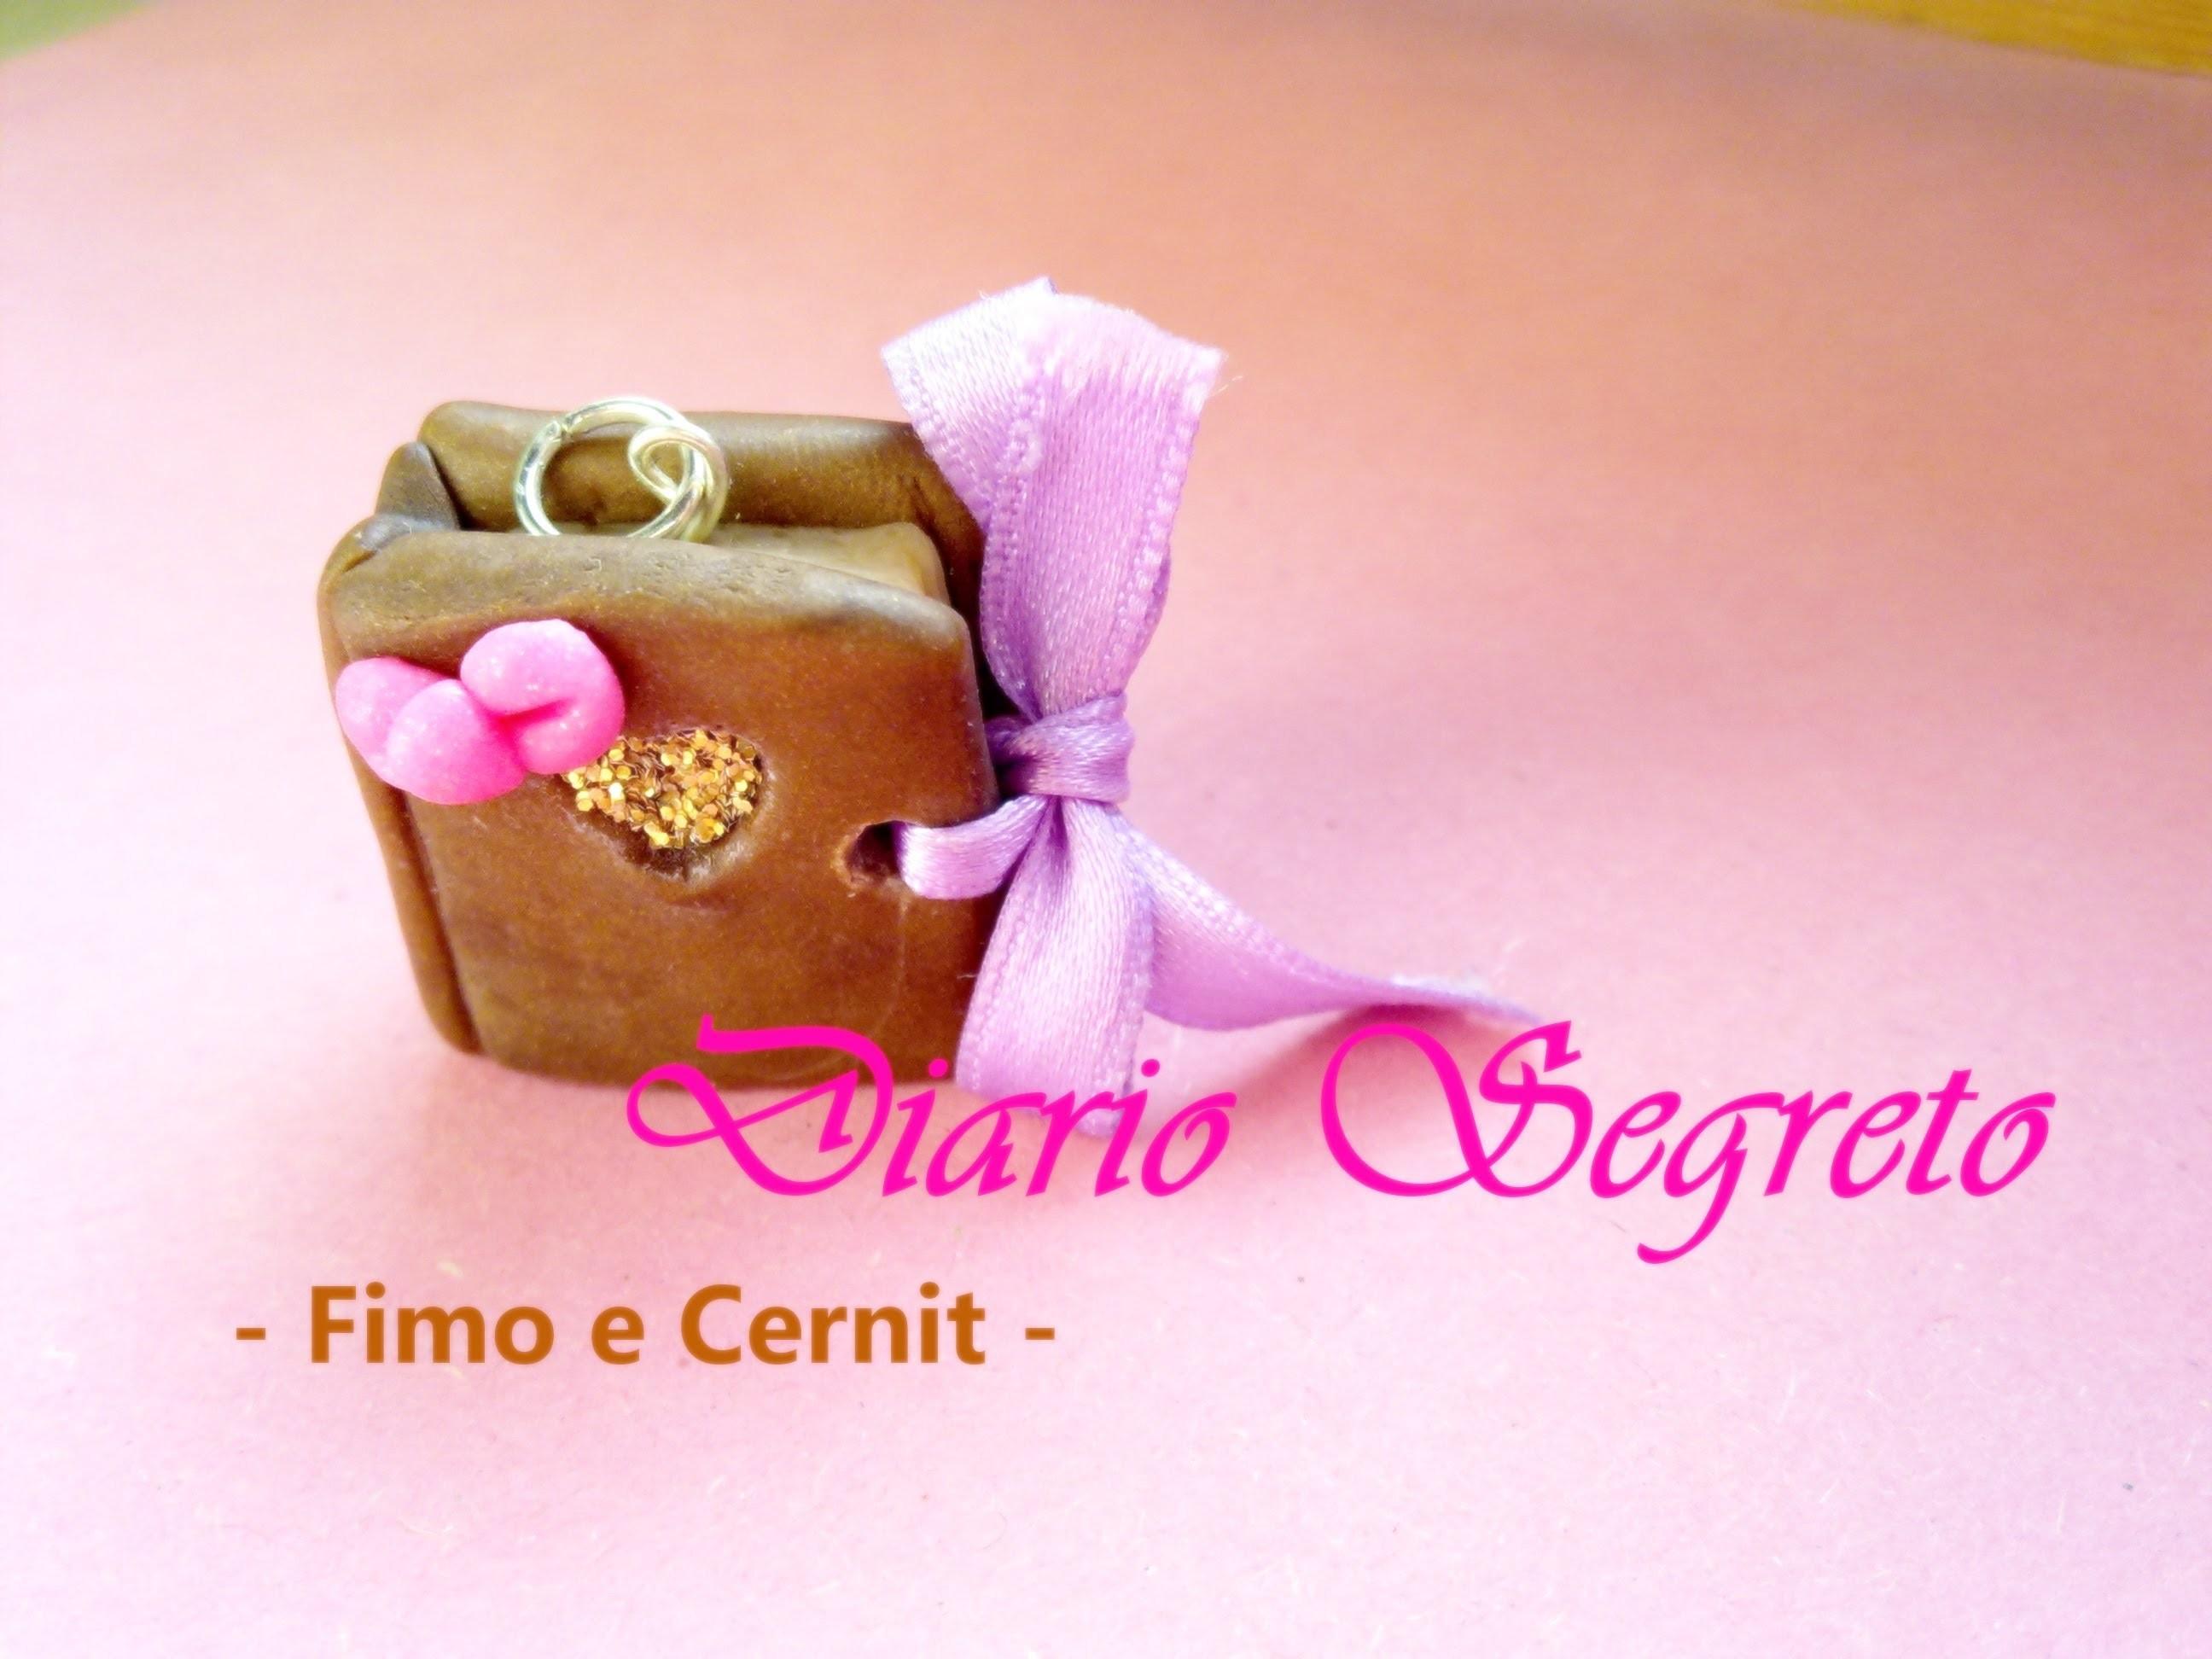 Diario Segreto: Charm in Fimo e Cernit (Secret Diary Charm: Polymer Clay Tutorial) ◦°°◦˚♥